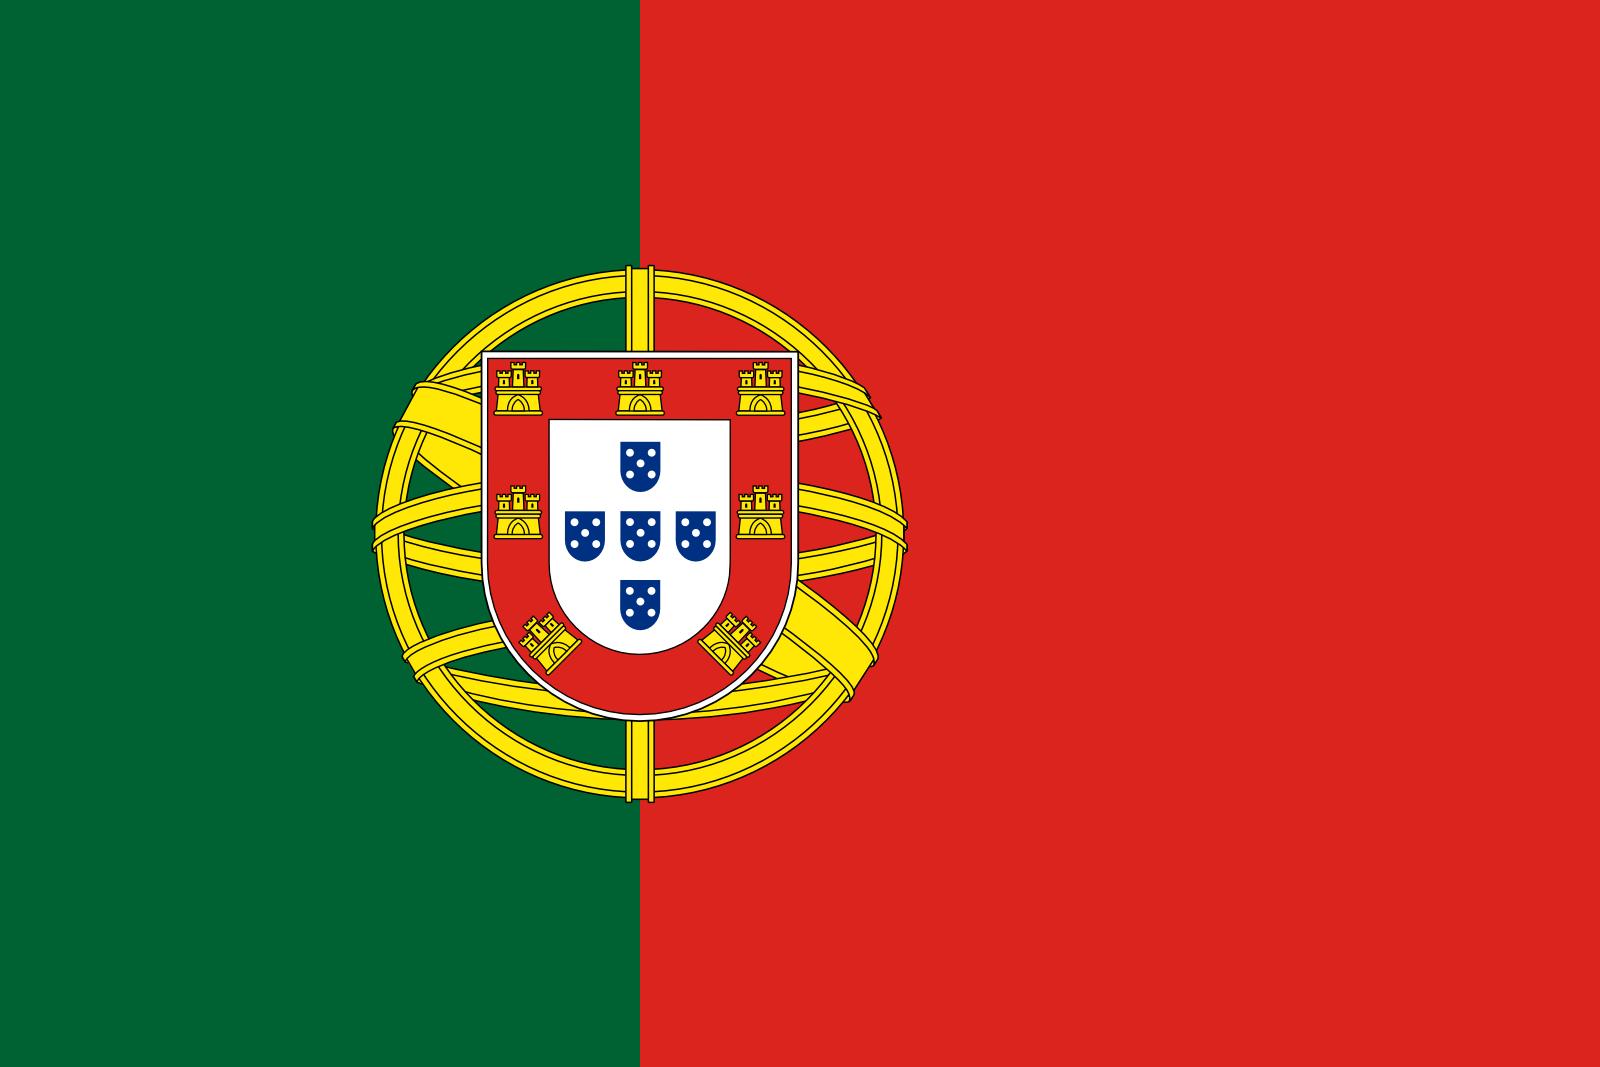 imagenes de banderas hd177 200 Imágenes de Banderas en HD (Wallpapers)